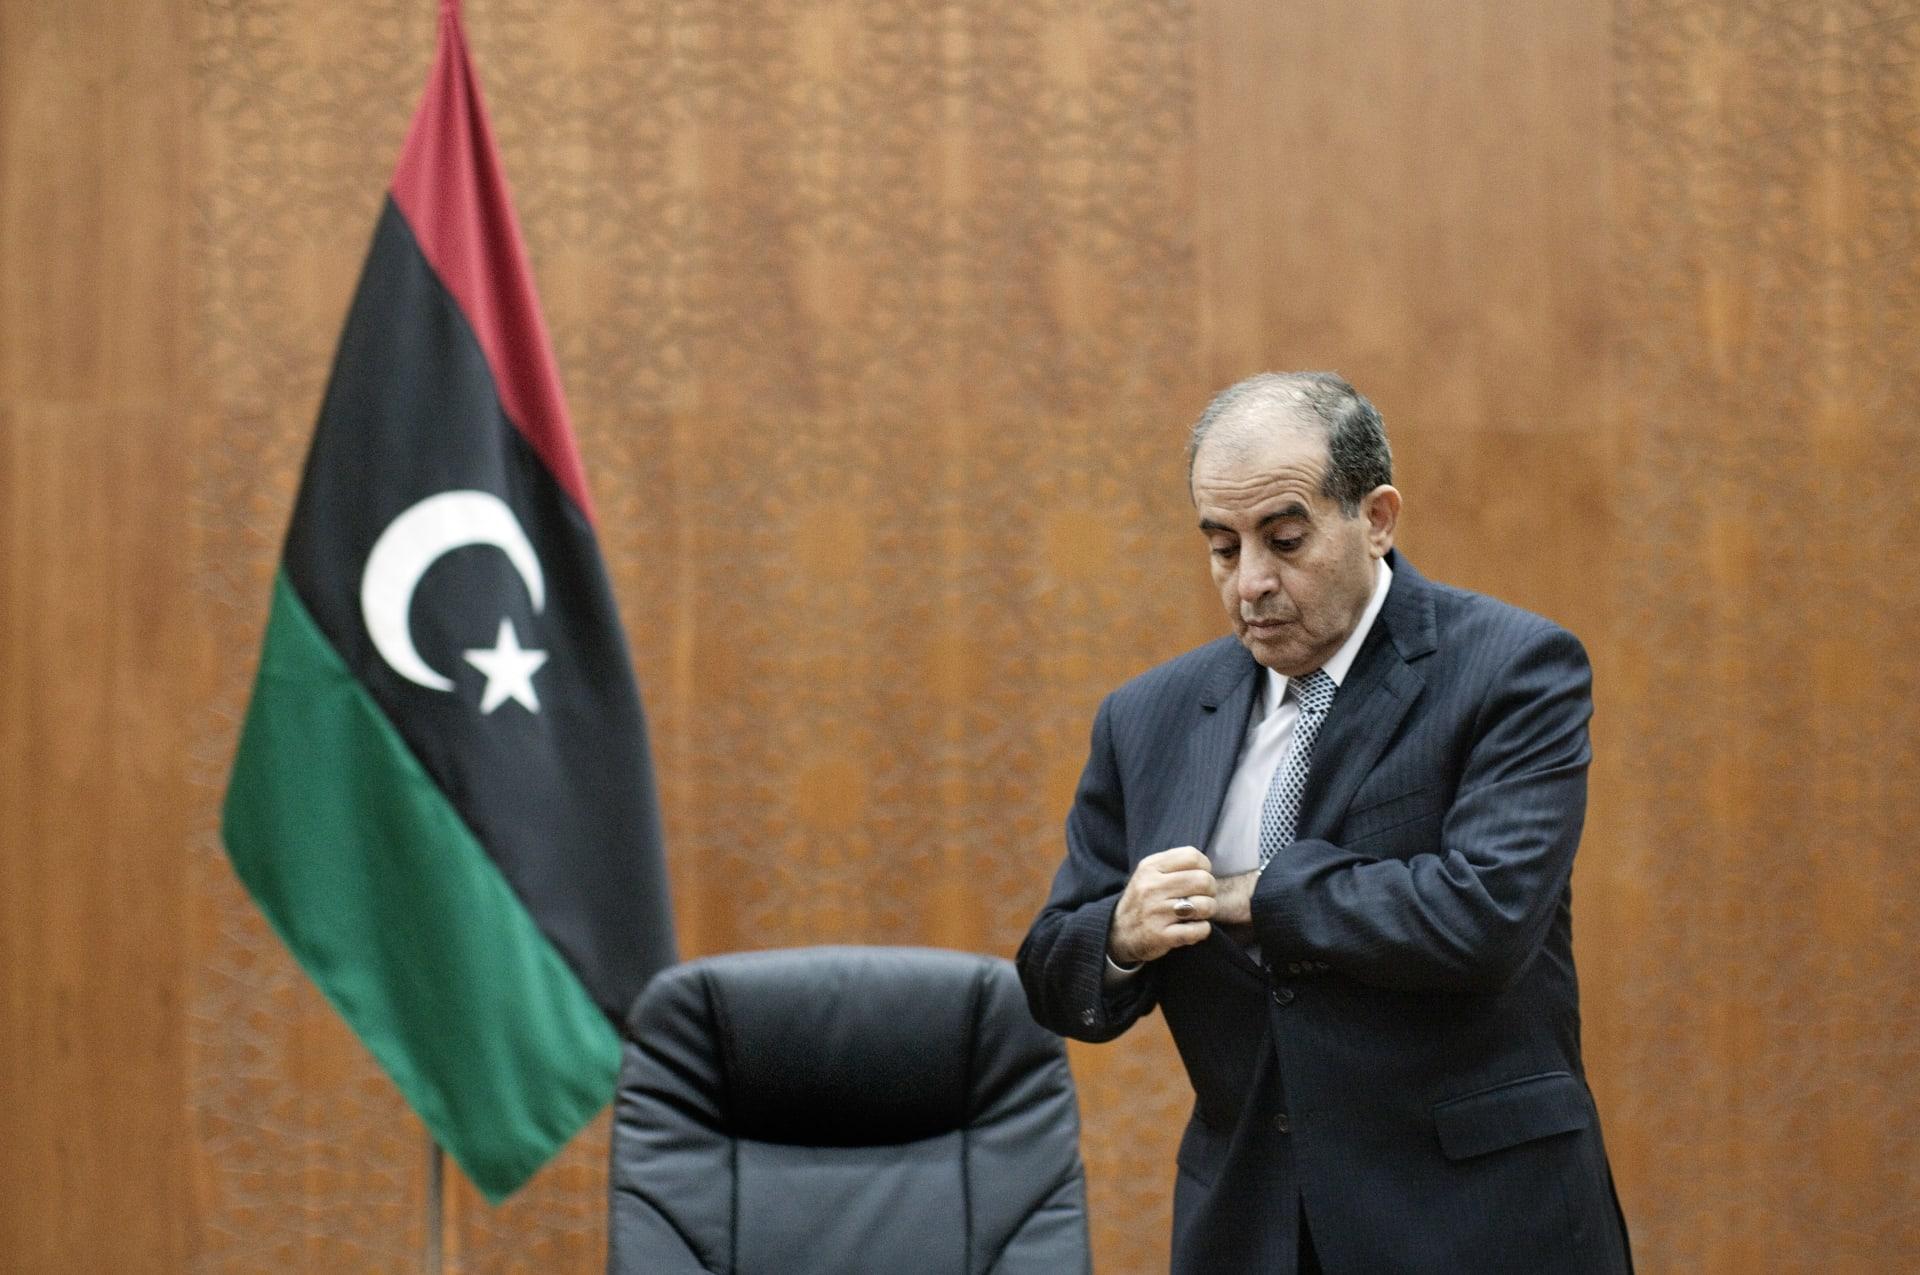 بعد إصابته بفيروس كورونا.. وفاة رئيس الوزراء الليبي الأسبق في مصر